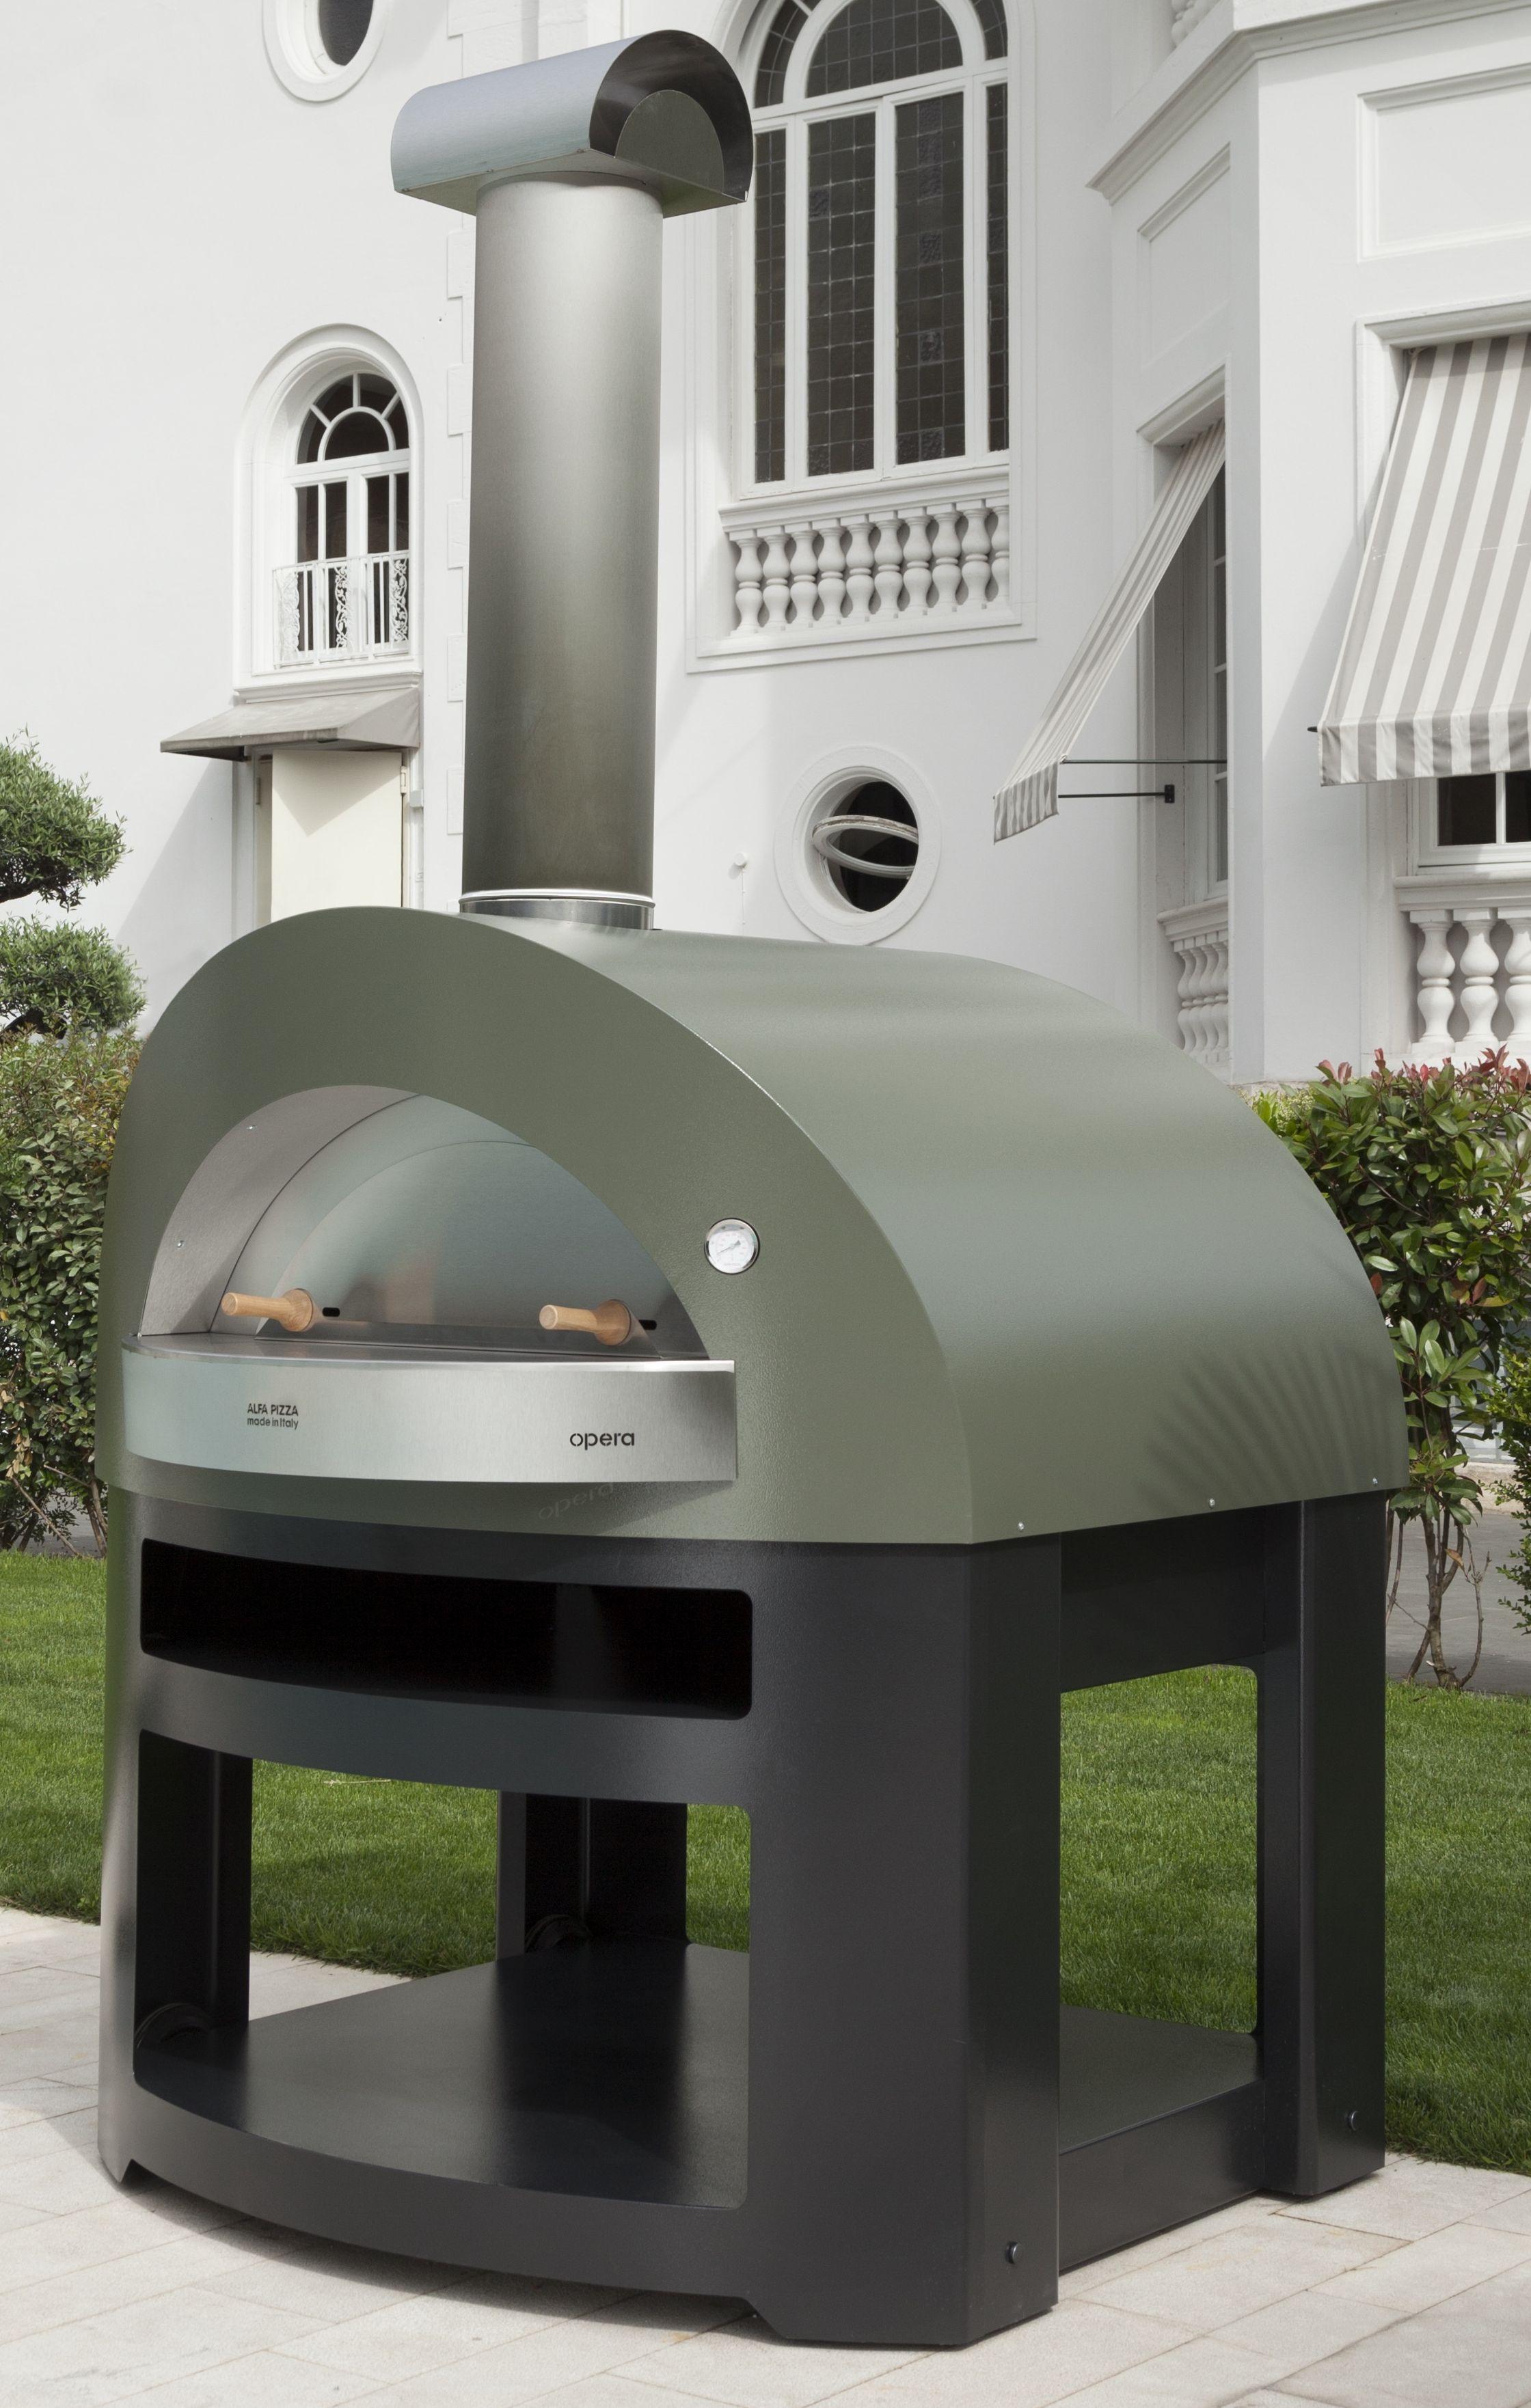 Forni per pizza a legna o a gas macchine alimentari - Forni per pizza casalinghi ...